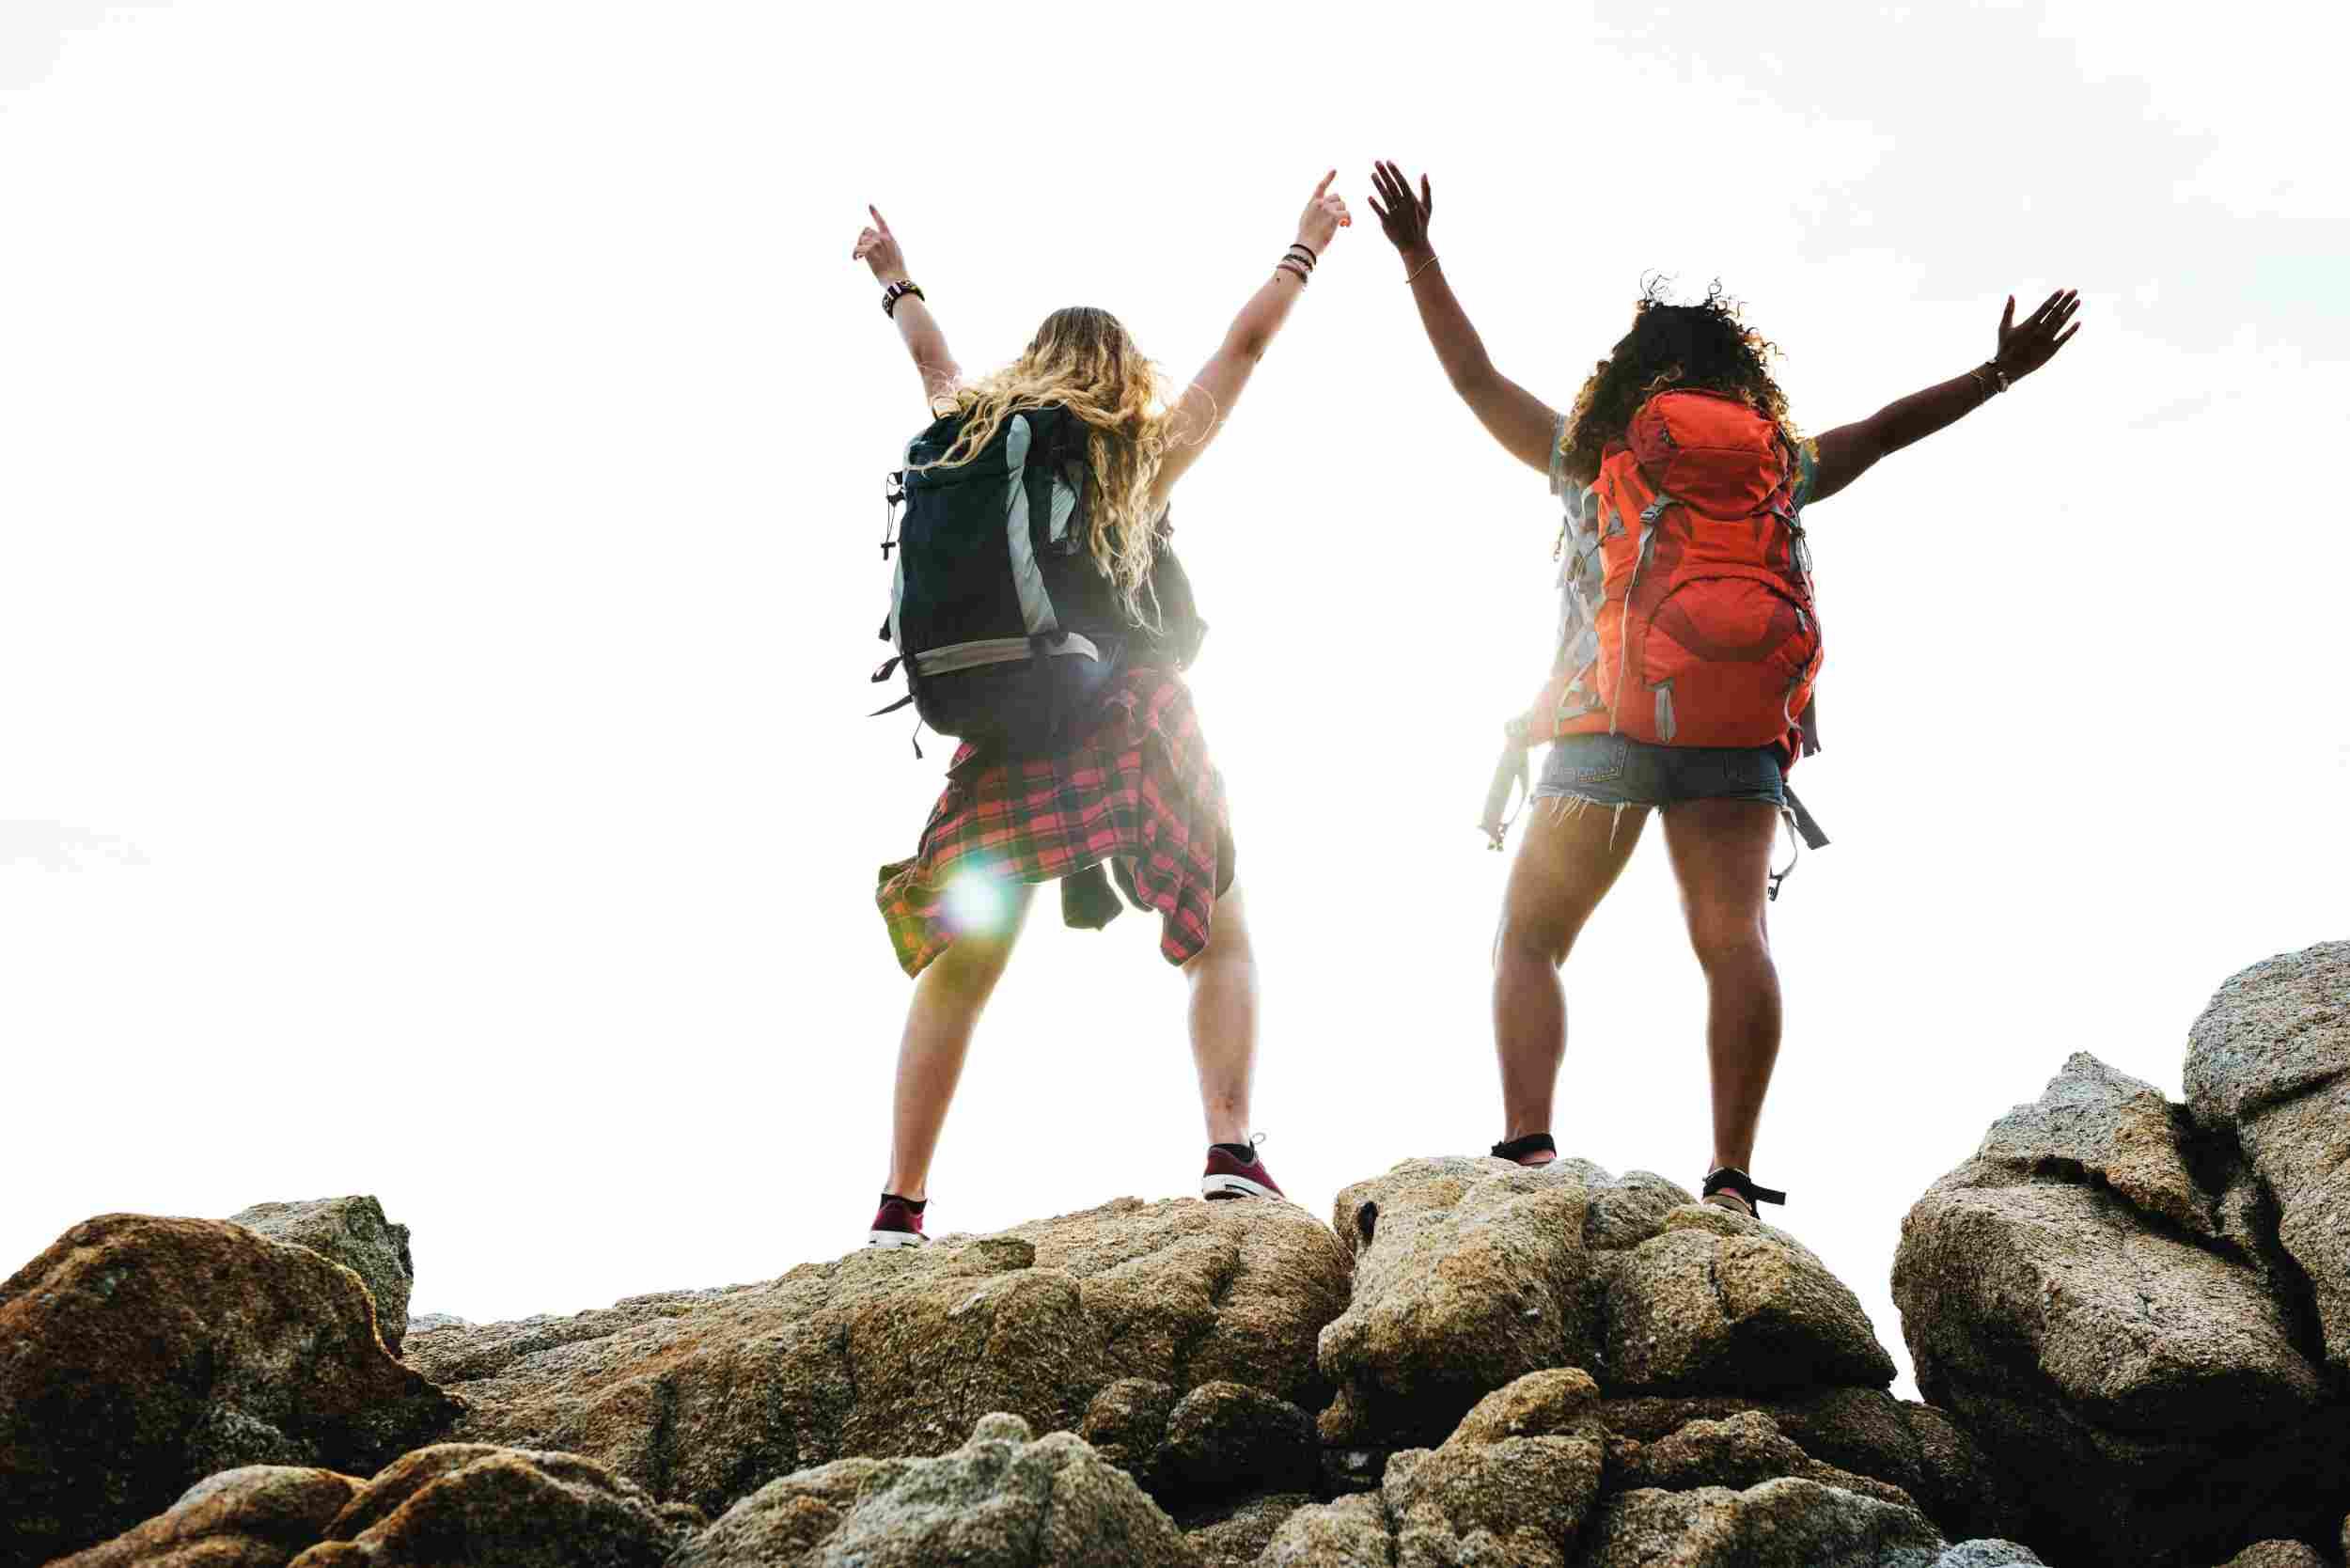 Dos mujeres están en la cima de unas rocas con ls brazos abiertos a modo de celebración.